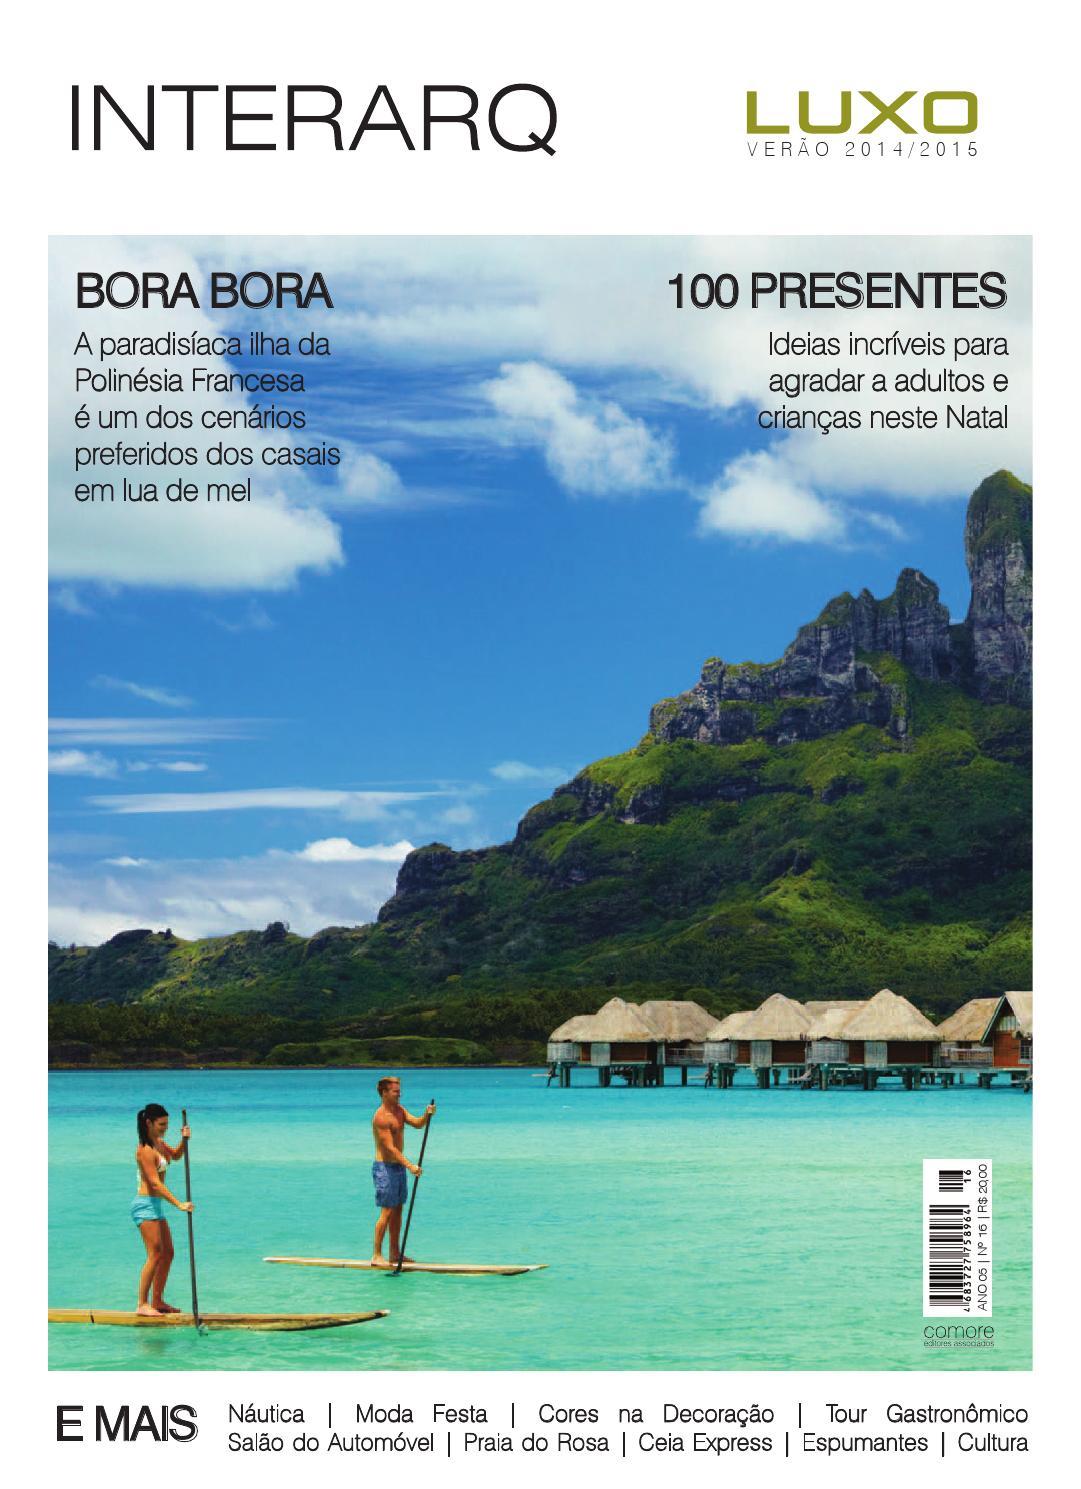 Revista InterArq Luxo Verao 2014 2015 By Revista InterArq